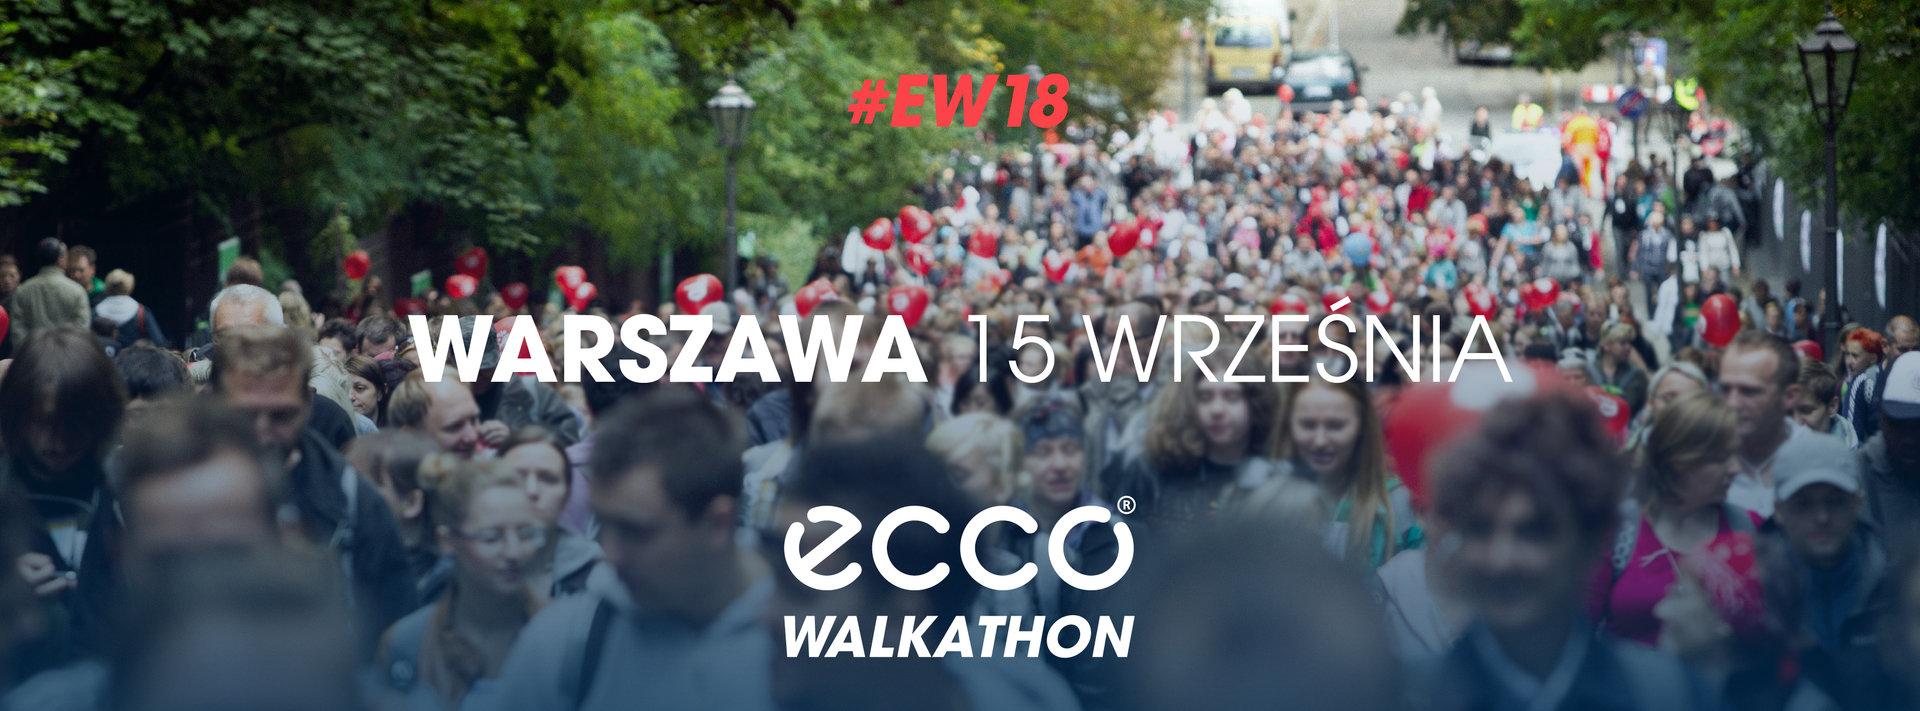 ECCO Walkathon wraca we wrześniu!